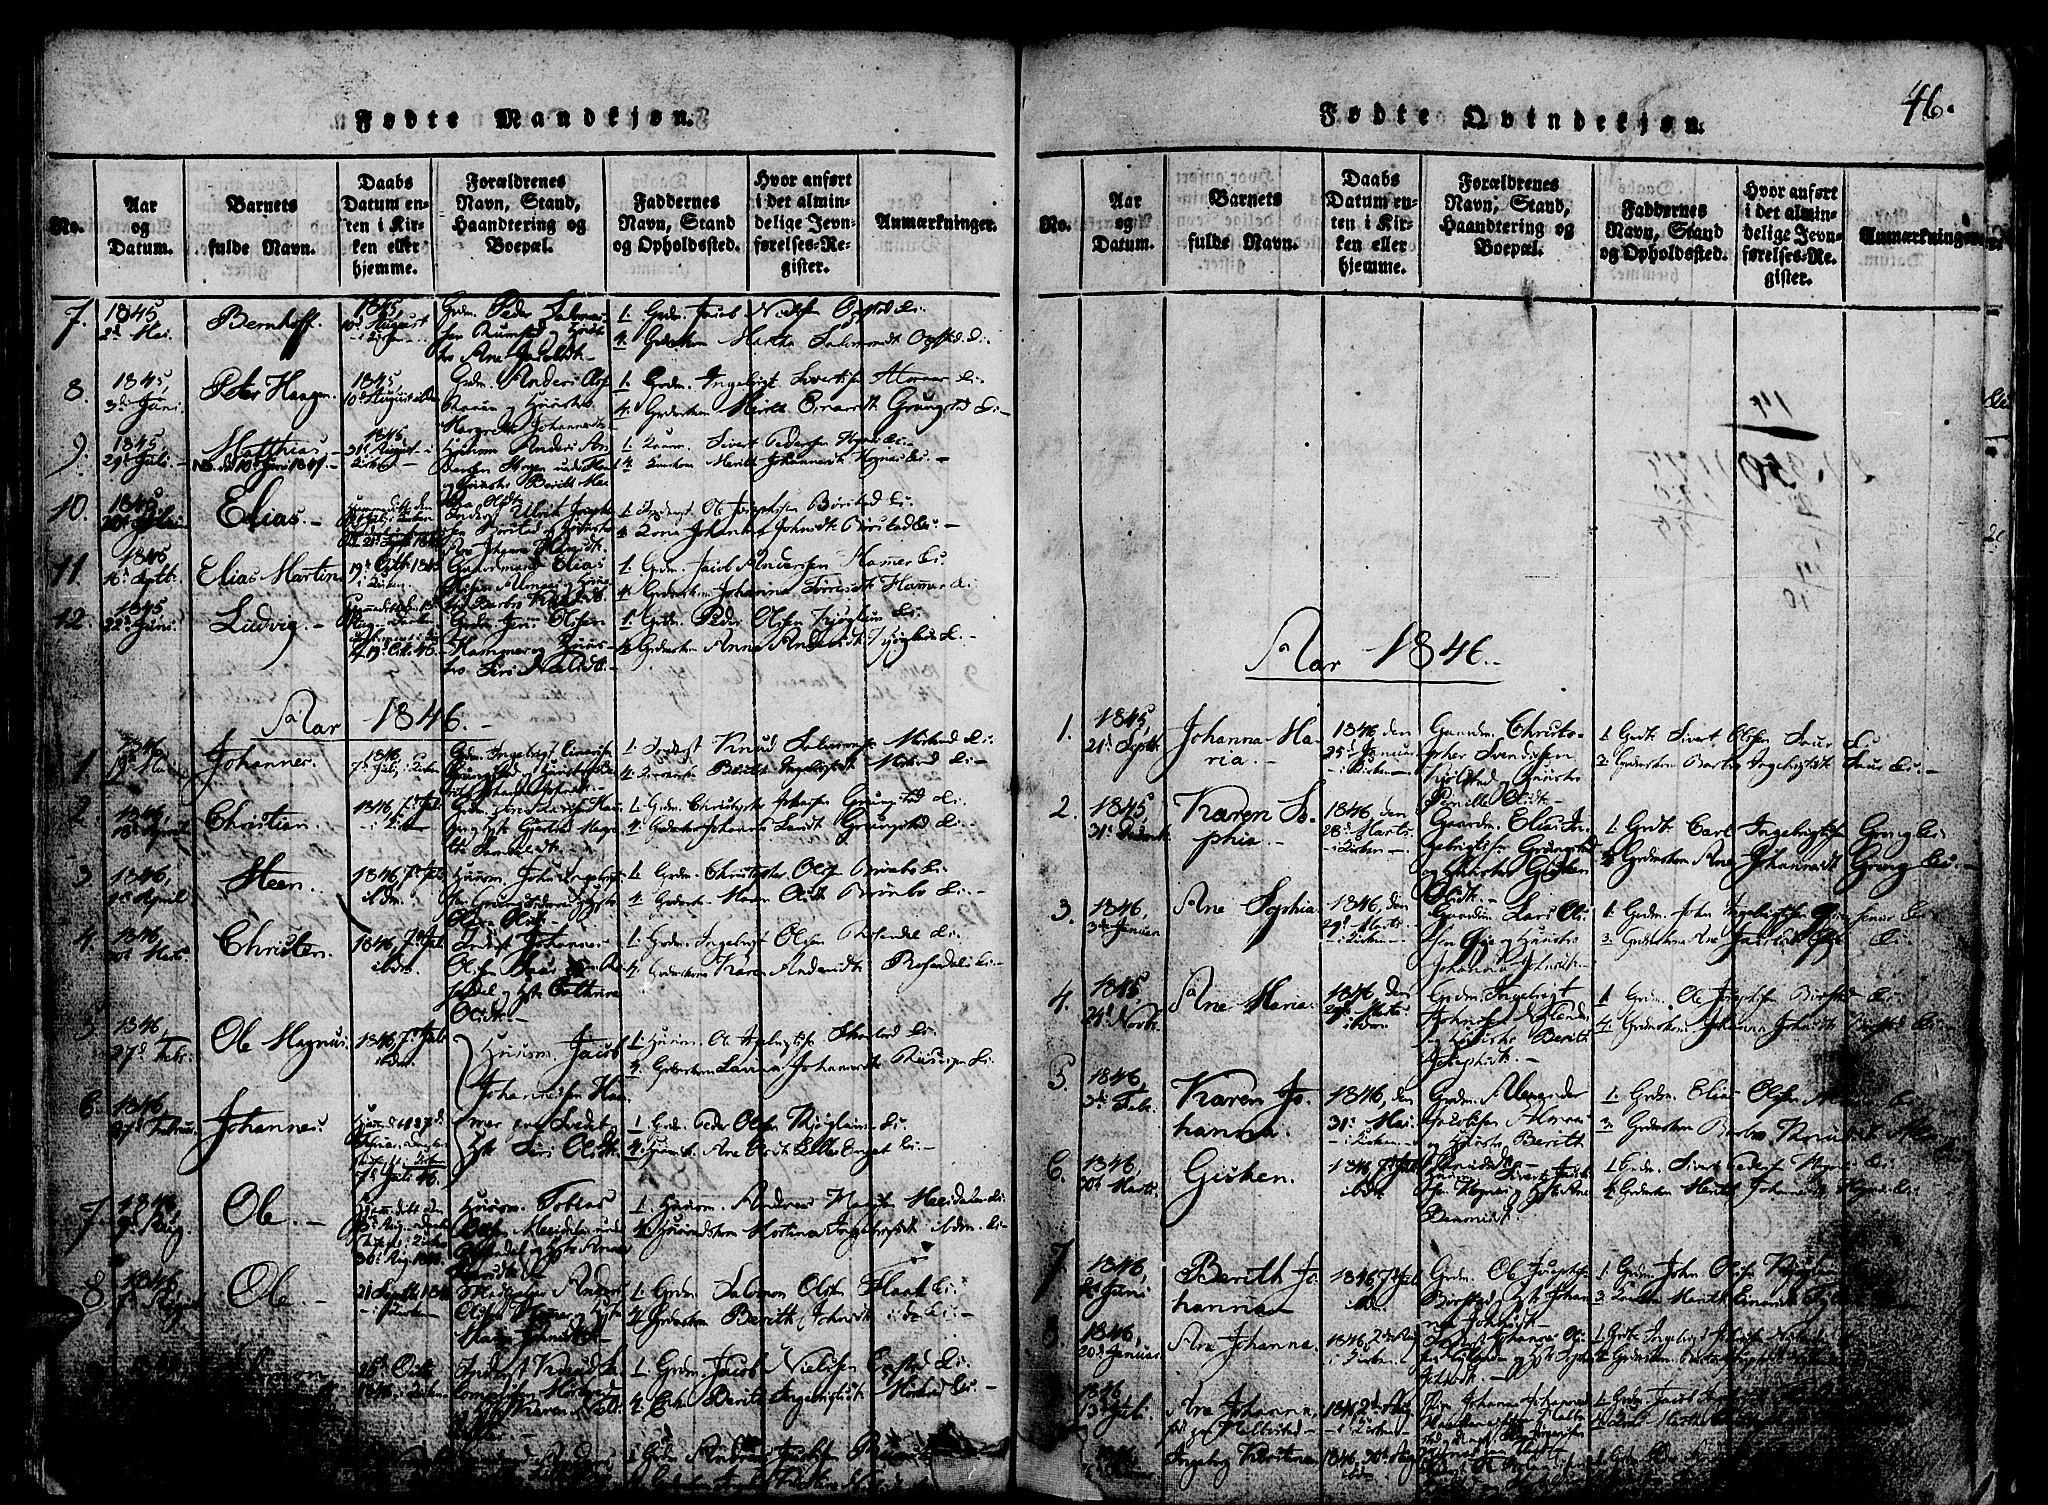 SAT, Ministerialprotokoller, klokkerbøker og fødselsregistre - Nord-Trøndelag, 765/L0562: Klokkerbok nr. 765C01, 1817-1851, s. 46